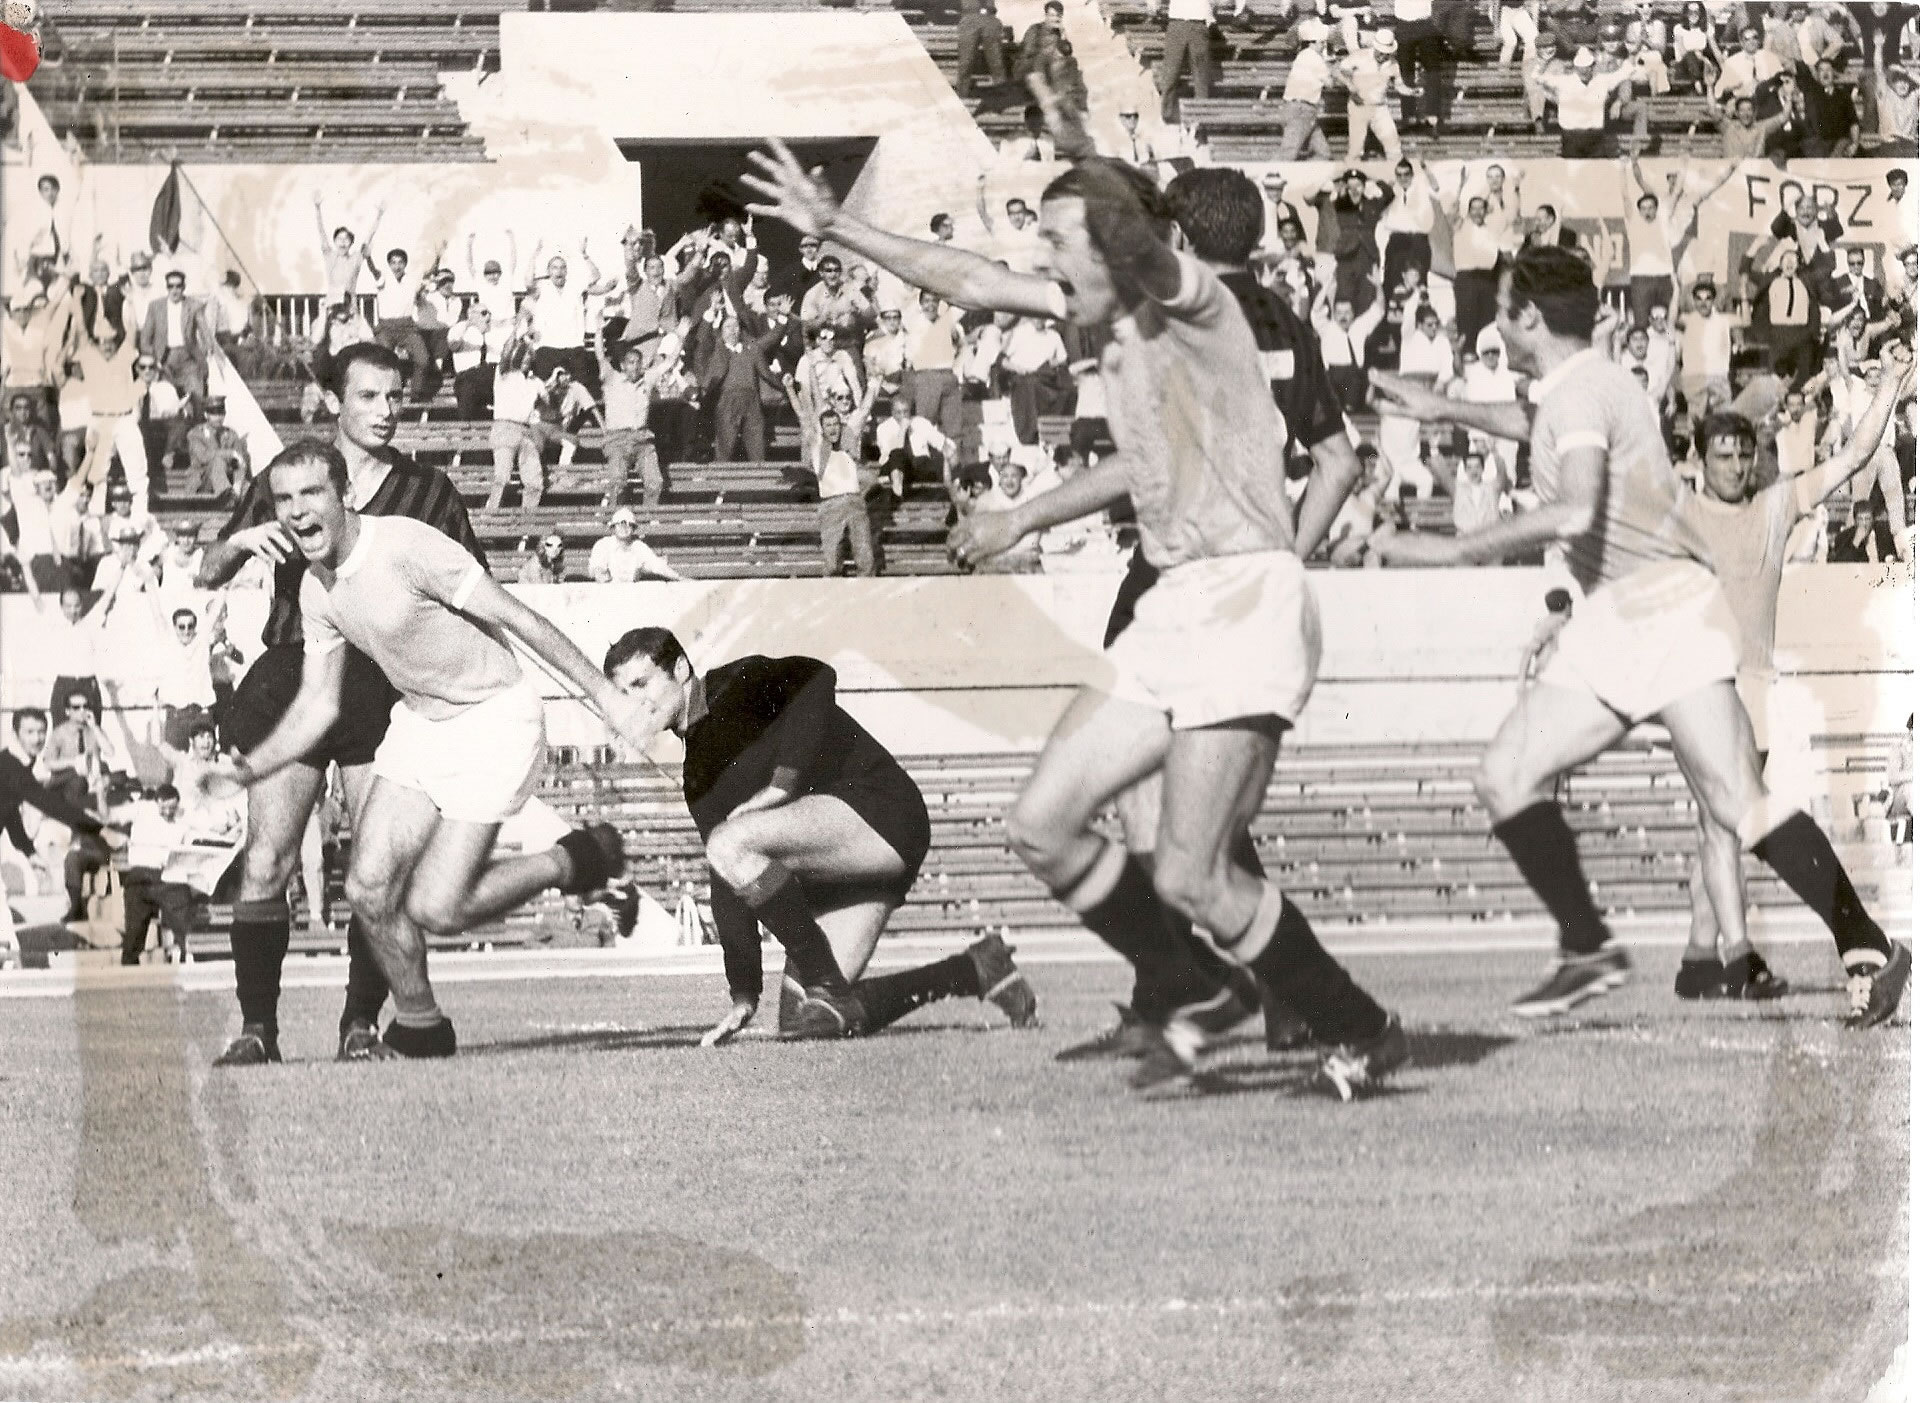 Sequenza del gol Lazio-Foggia 1-0 16/6/1968 (1/2)